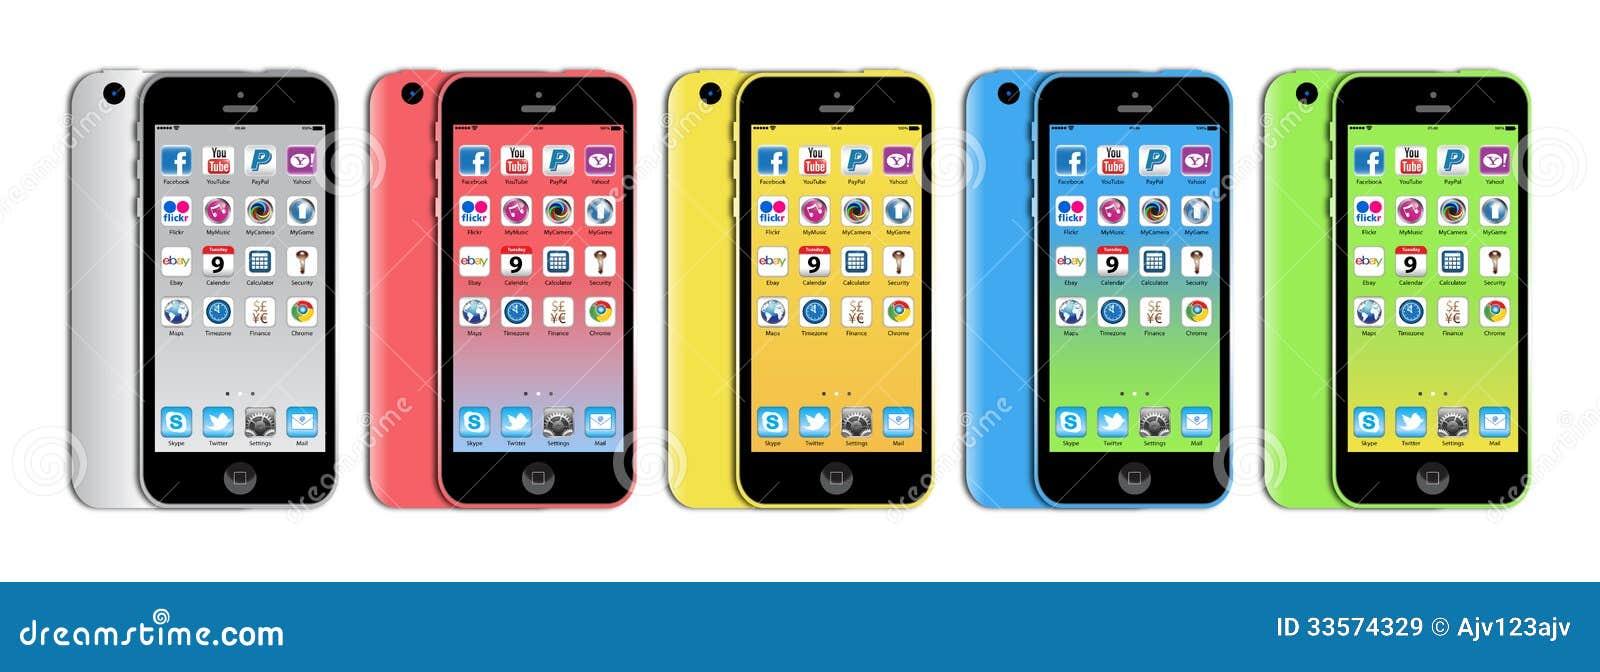 Neues Apple-iphone 5c